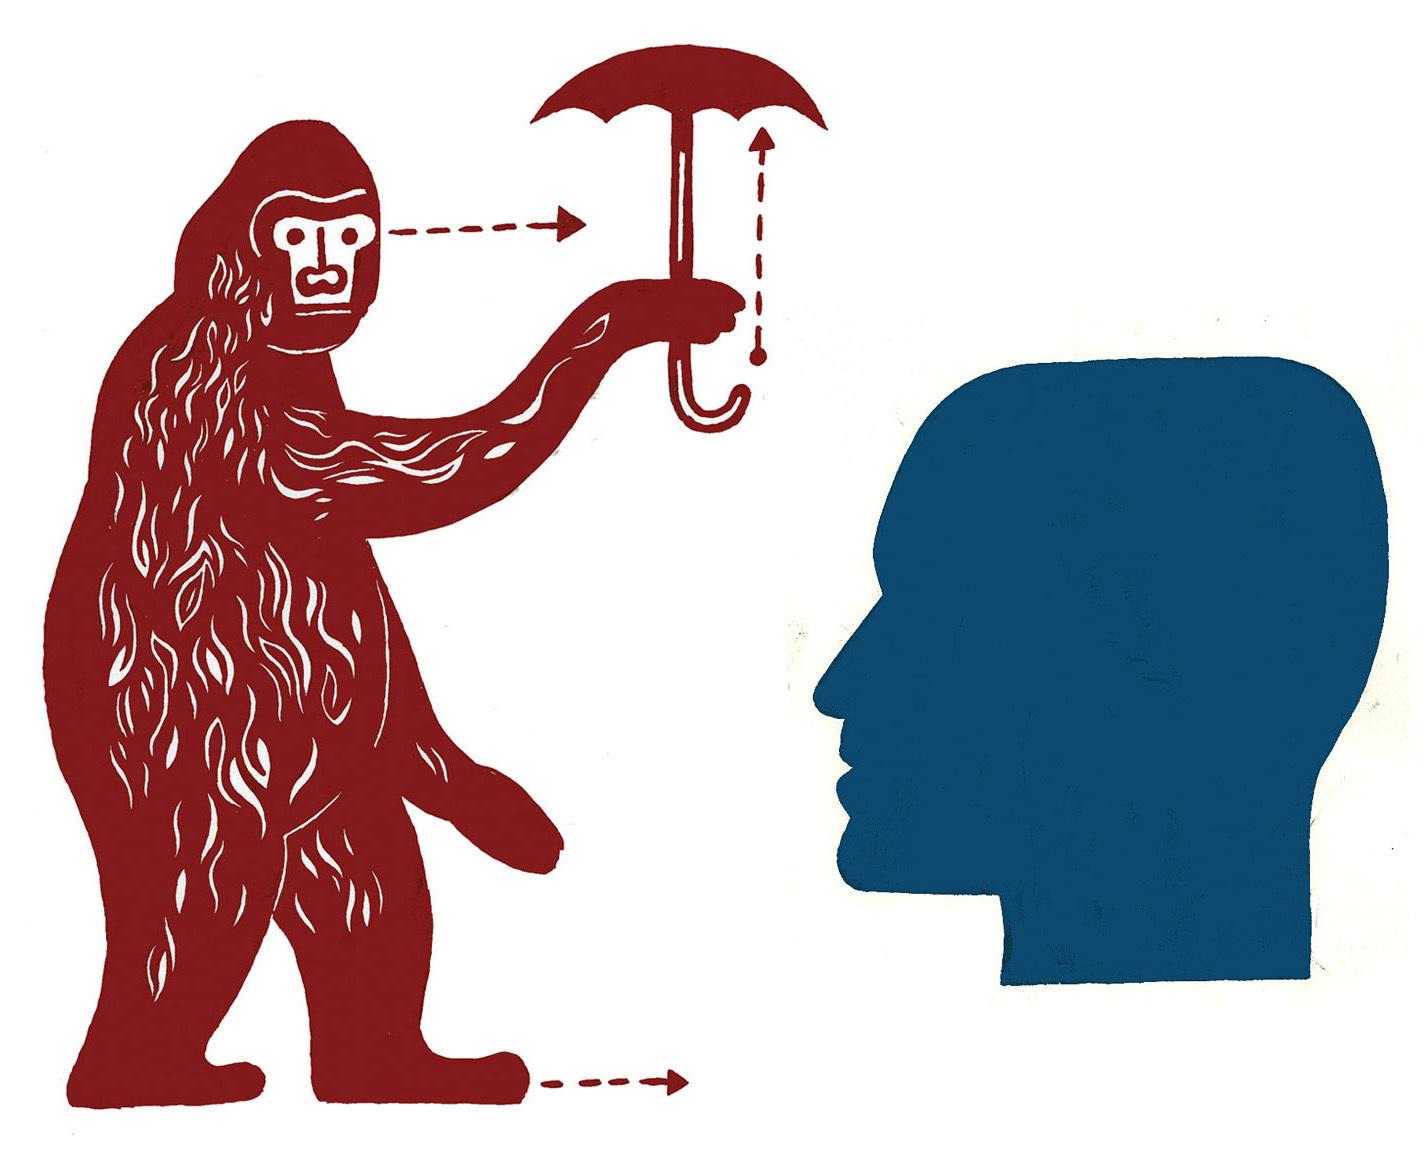 Rainy Gorilla